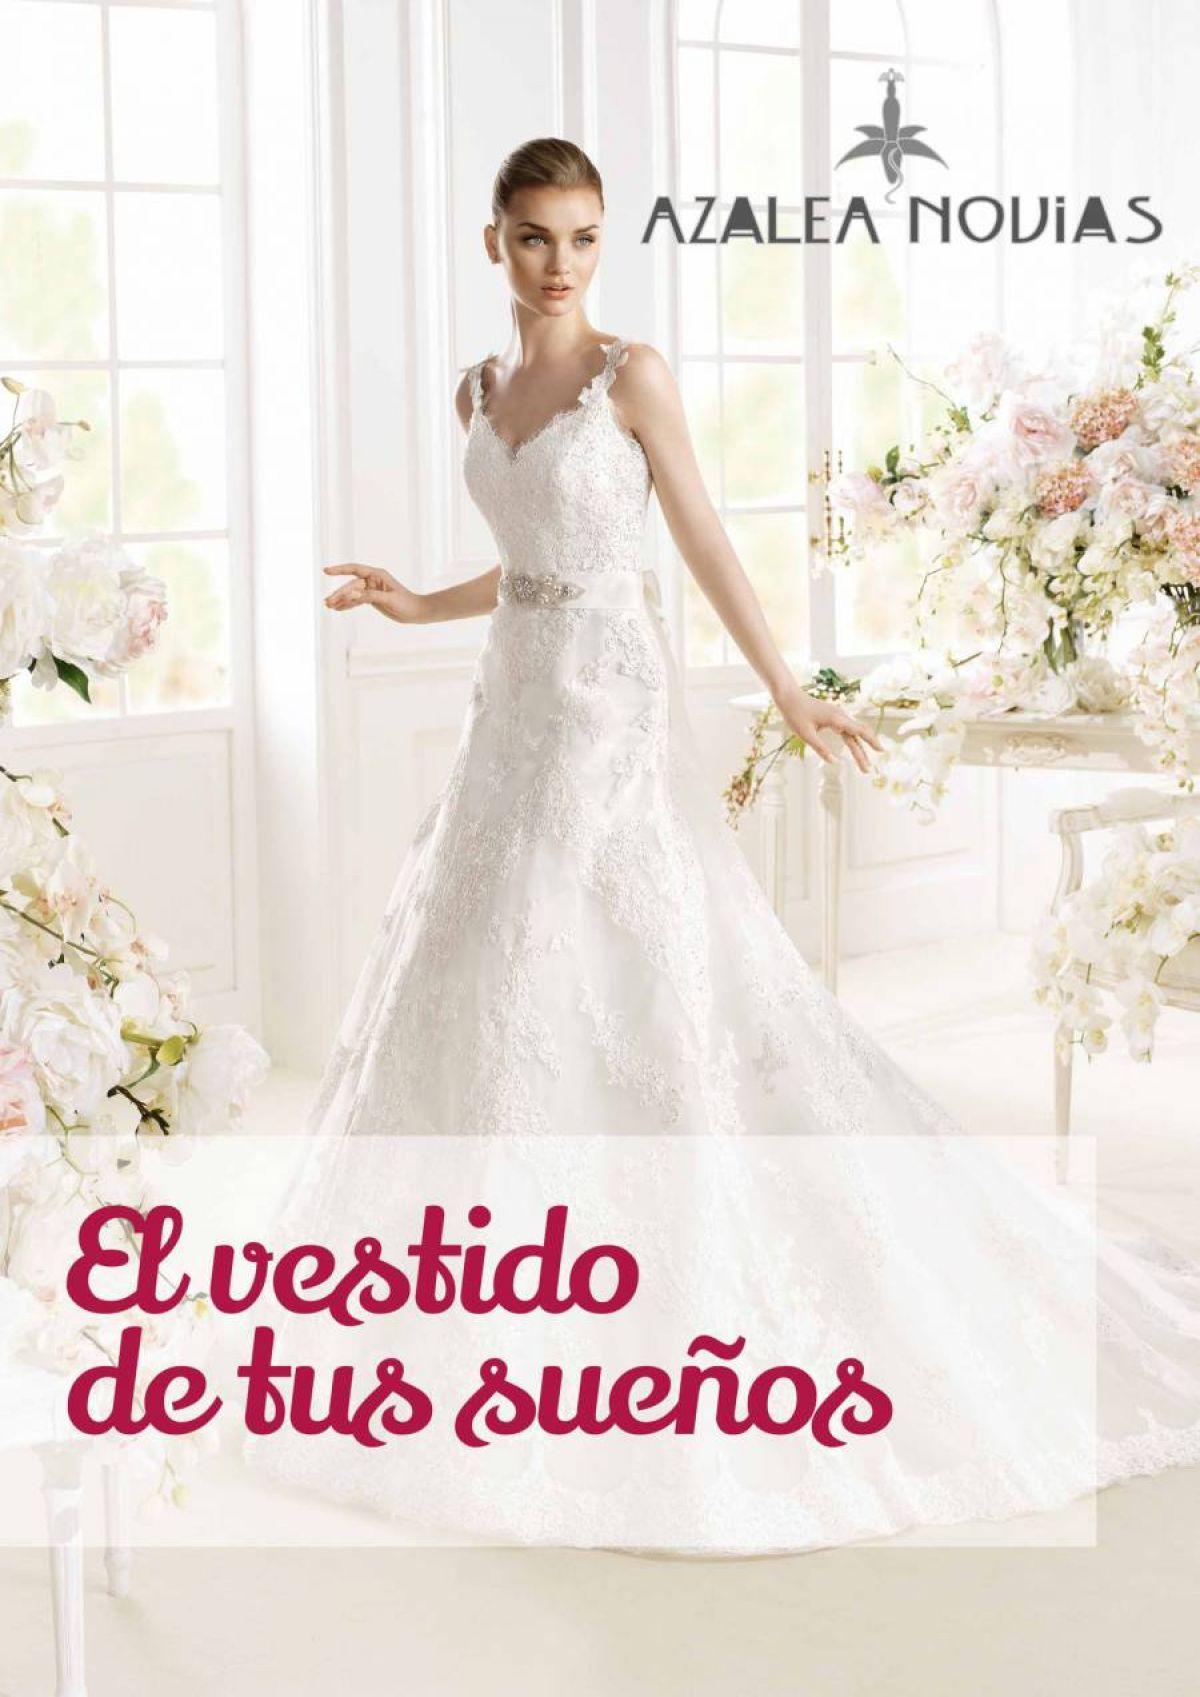 274fa2da19 Precios vestidos fiesta azalea novias – Vestidos de mujer